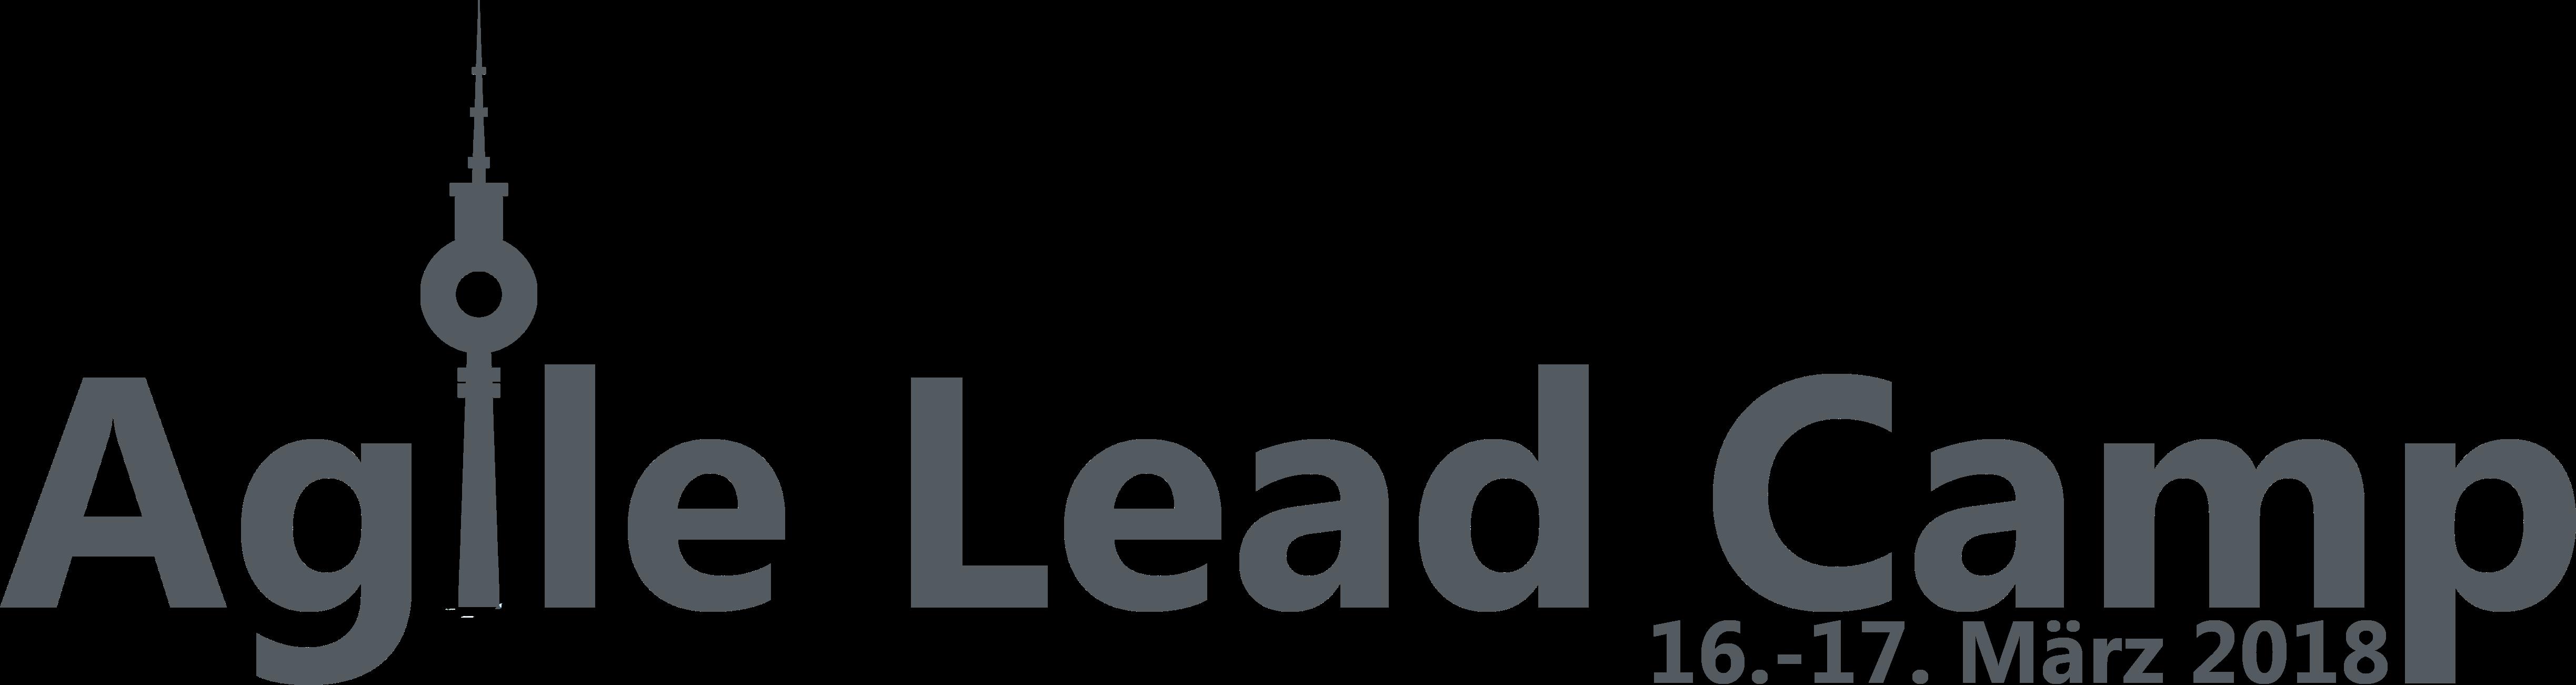 Agile Lead Camp